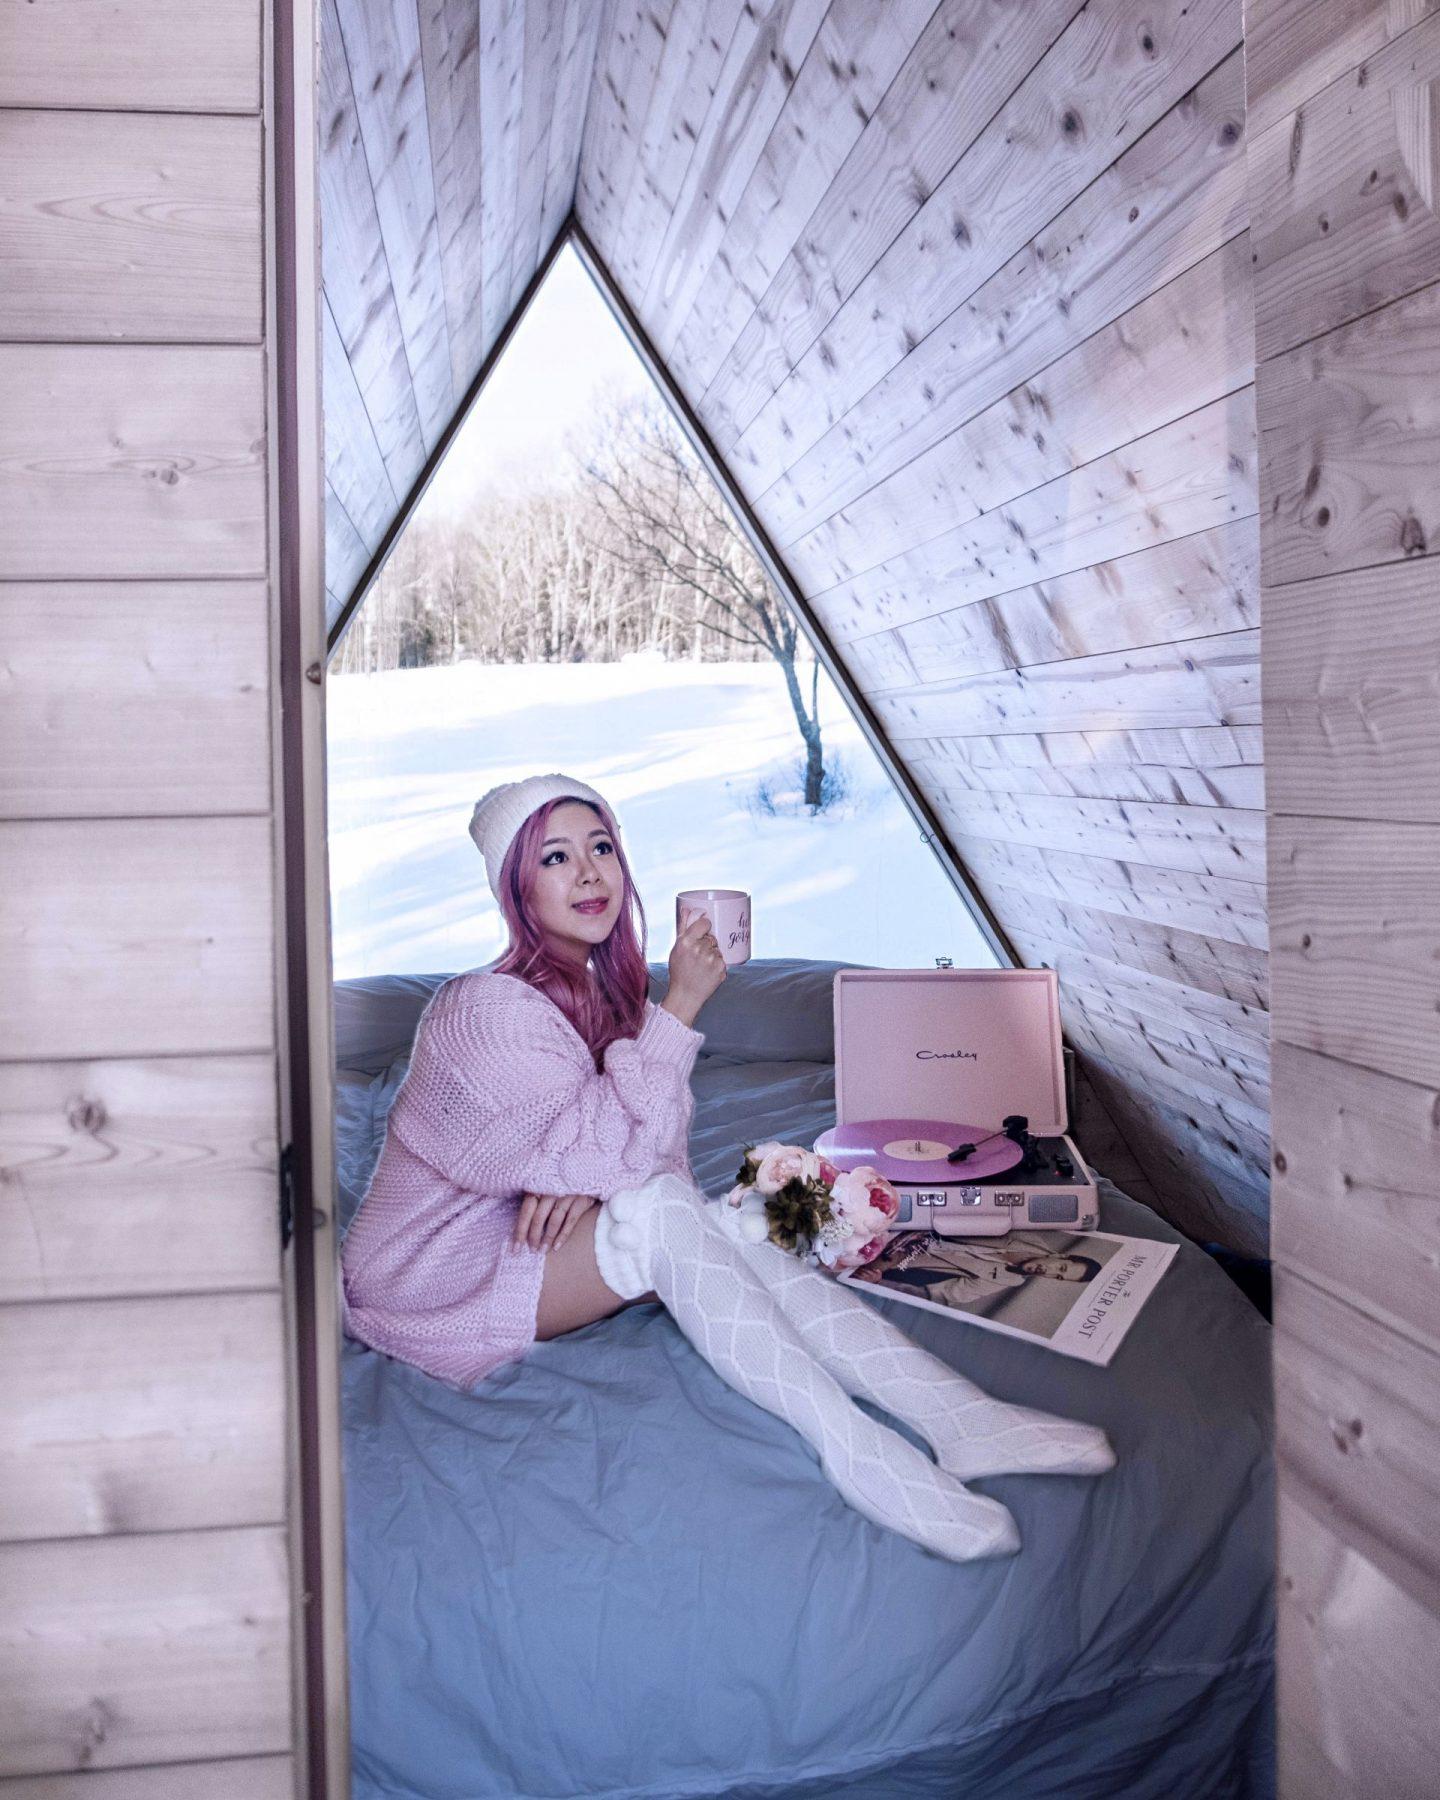 lushna cabin daytime